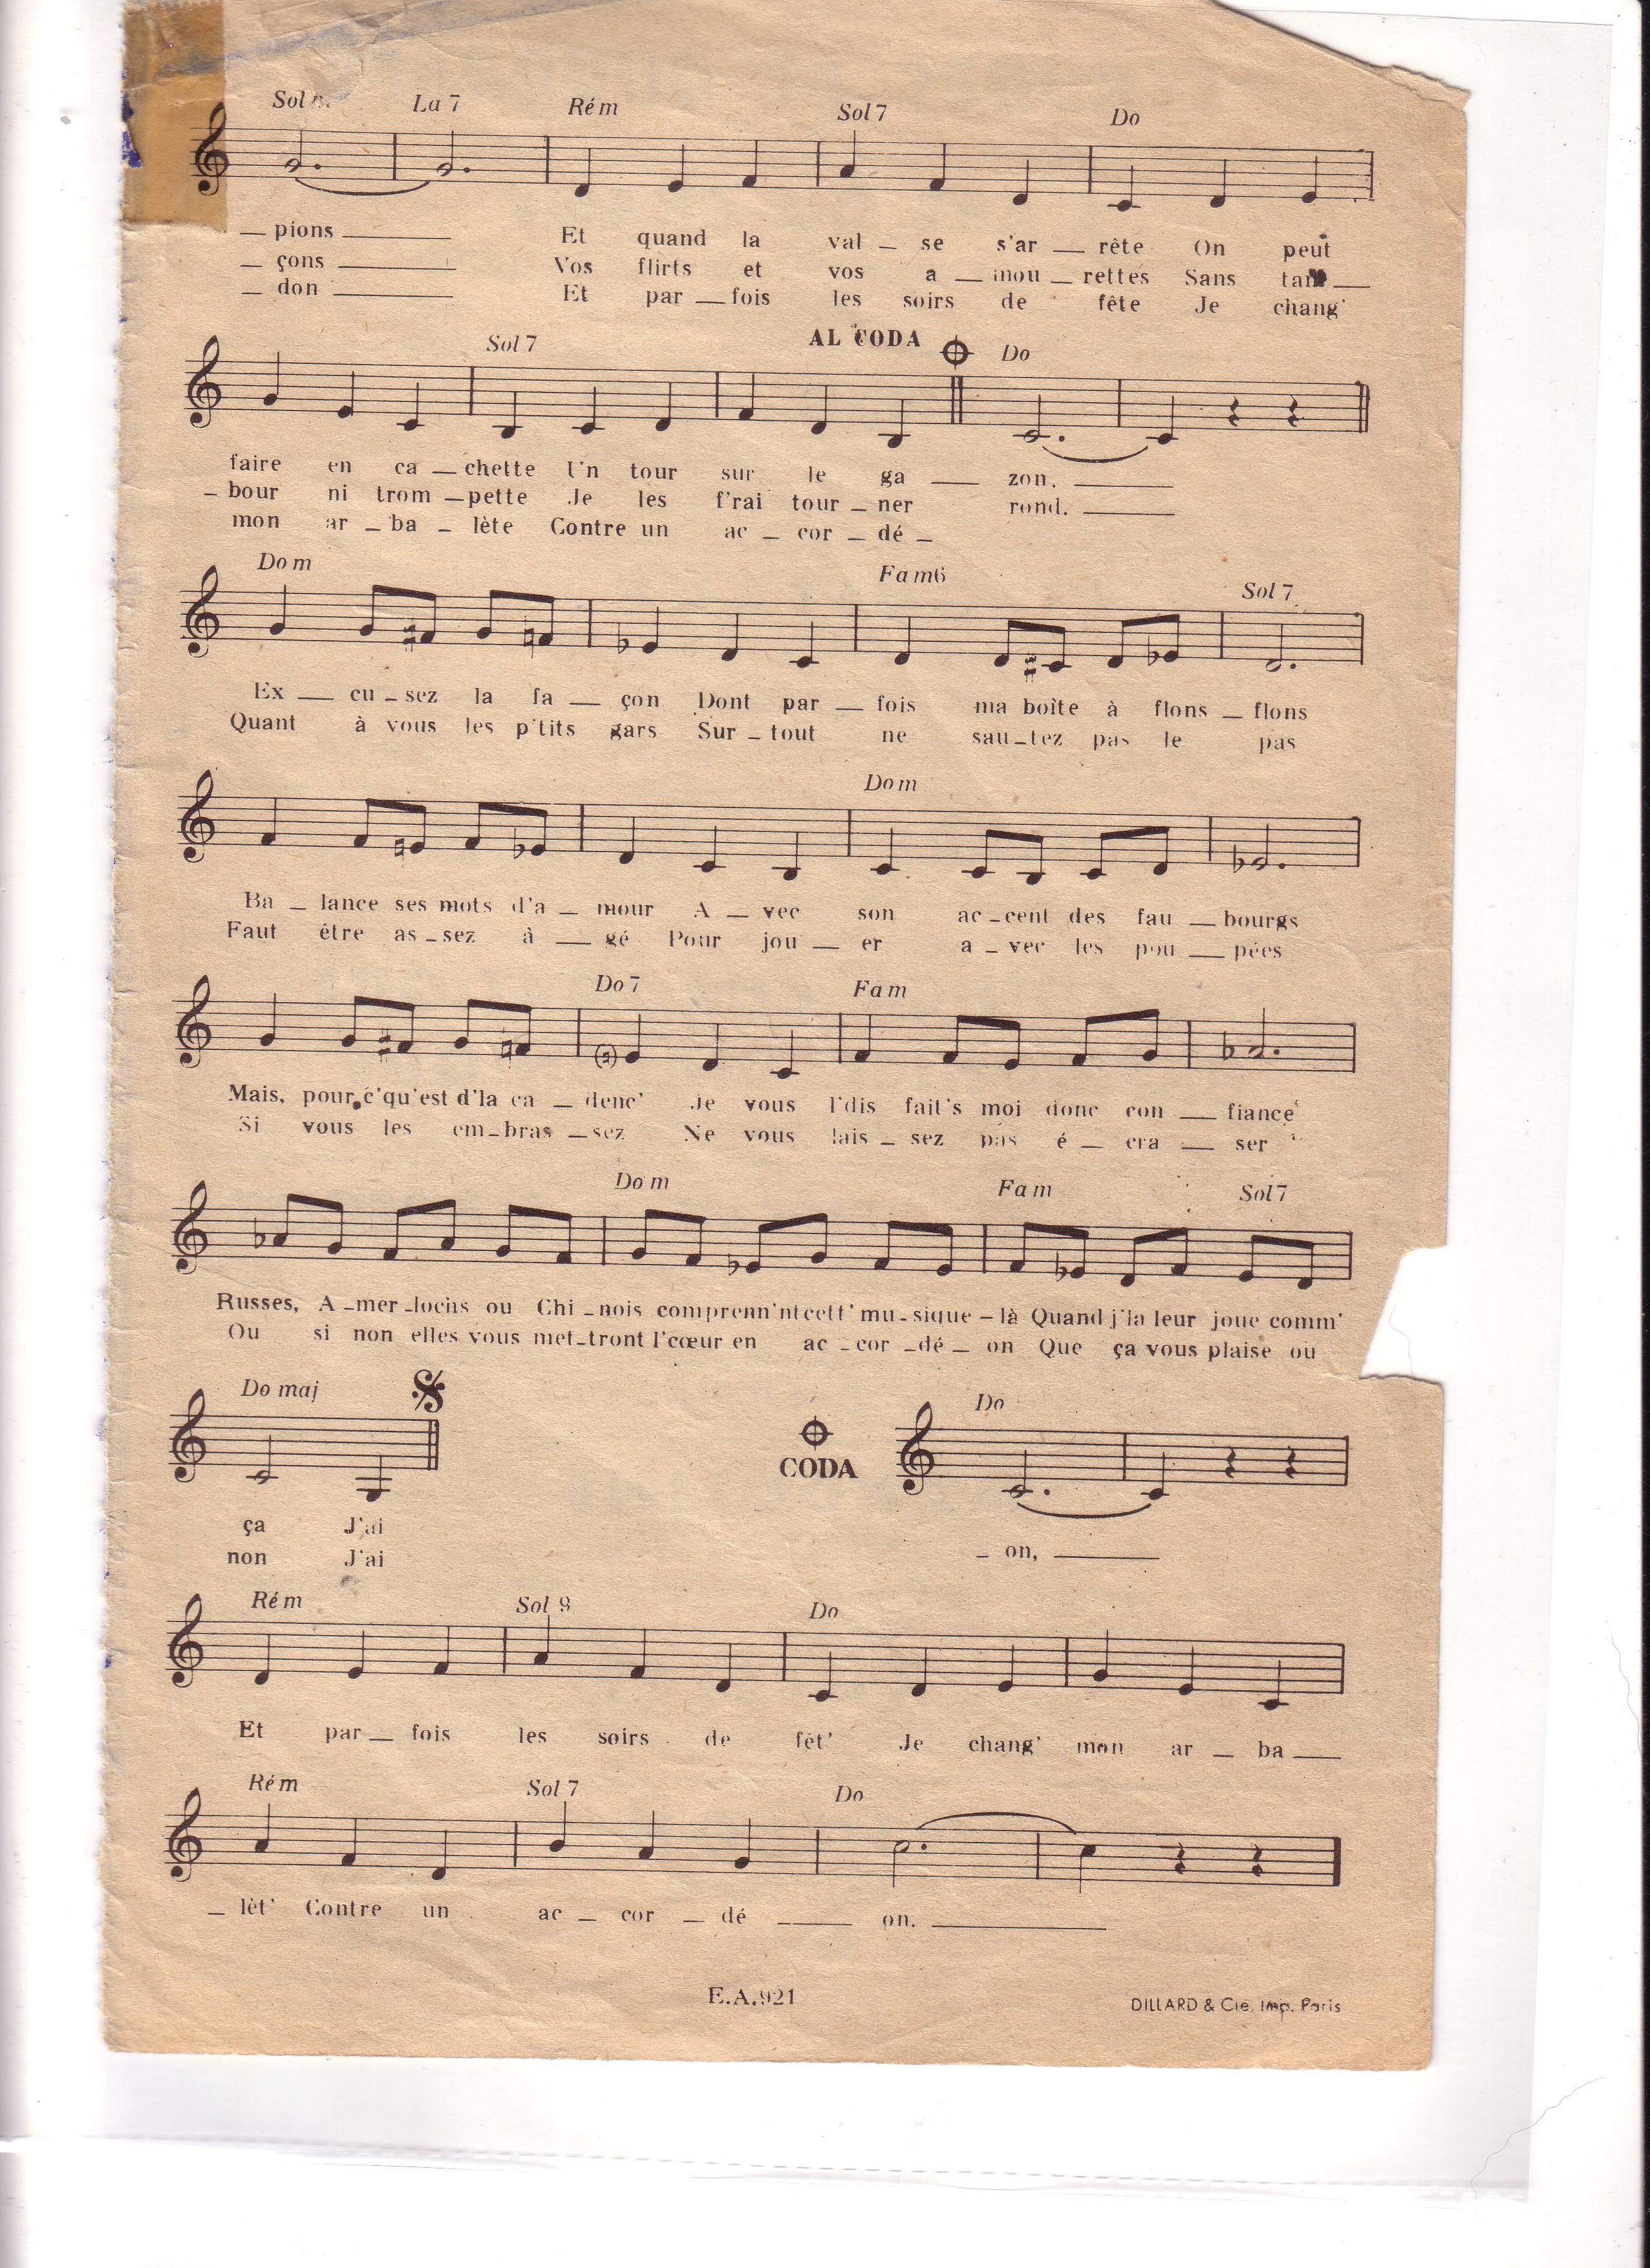 Telecharger des fichiers midi chansons gratuites » dunkrnevmaipsil. Cf.